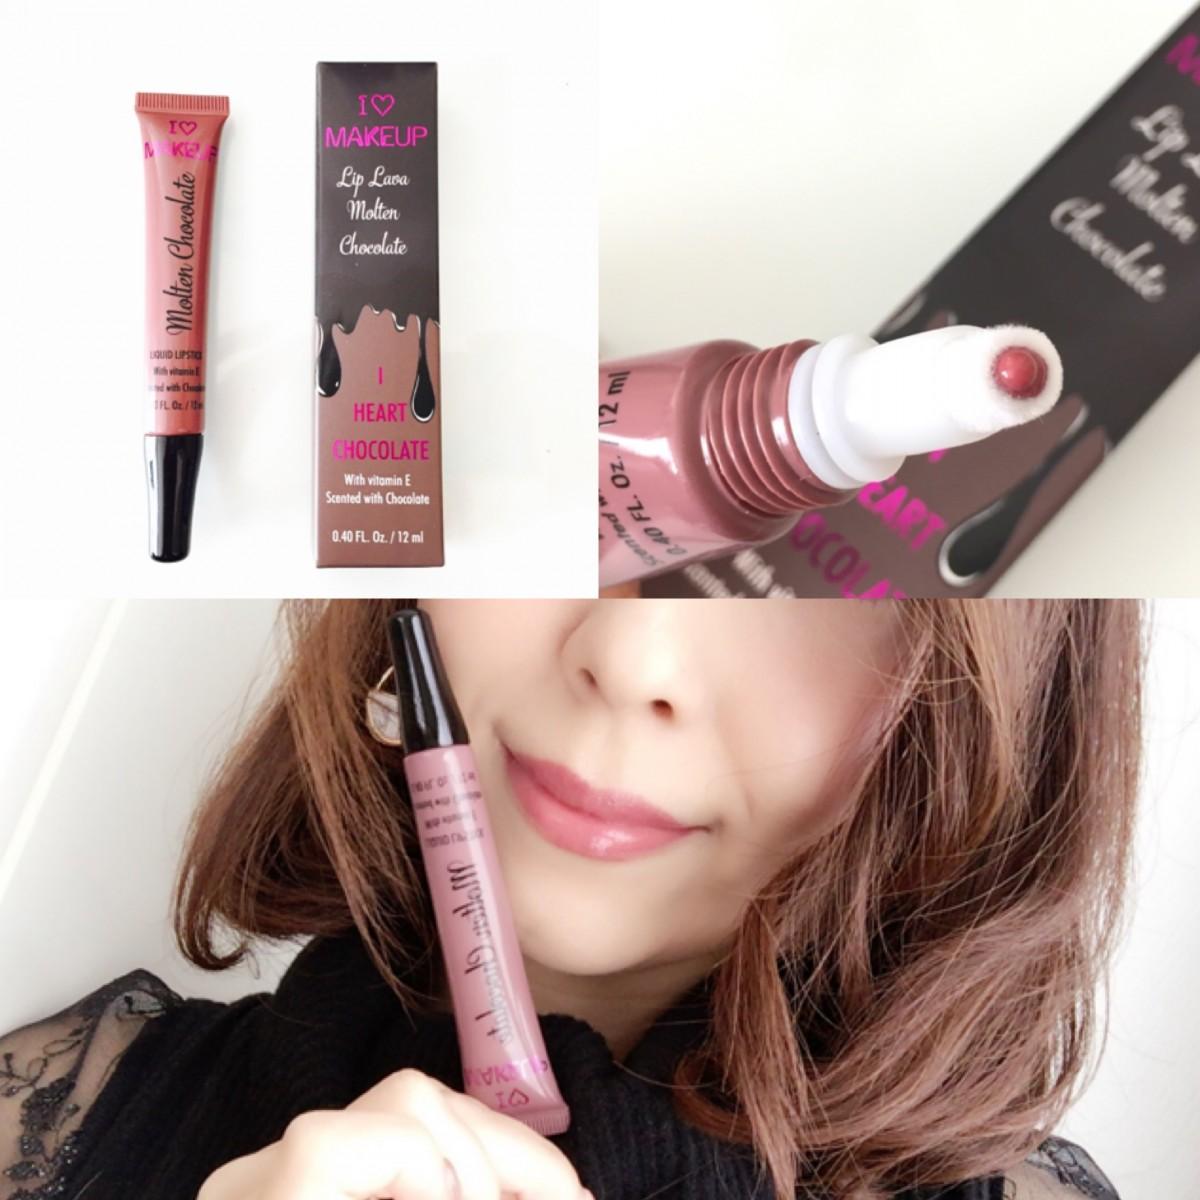 バレンタイン限定リップ♡チョコの香りがするモーブピンクで春メイクを先取り!